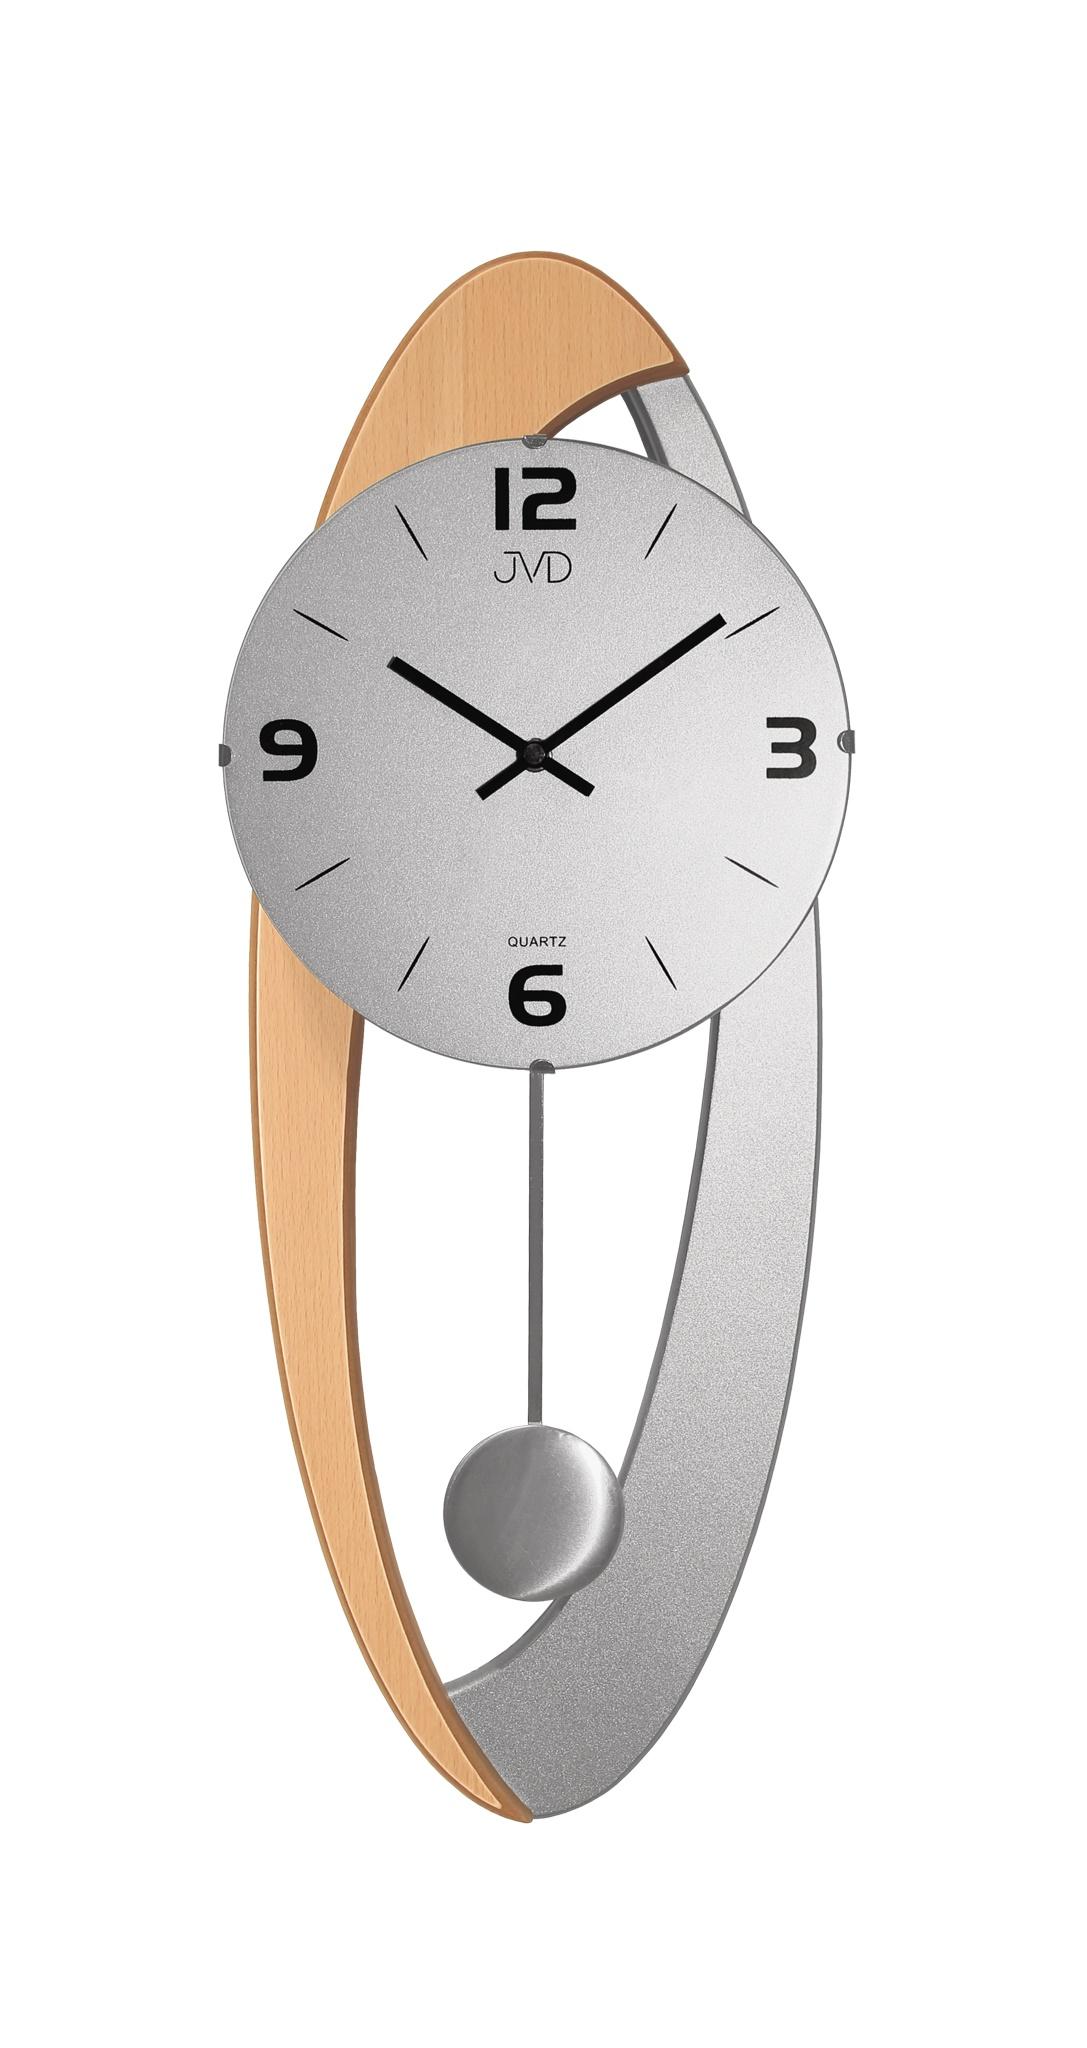 Dřevěné skleněné designové kyvadlové nástěnné hodiny JVD N15021/68 (POŠTOVNÉ ZDARMA!!)